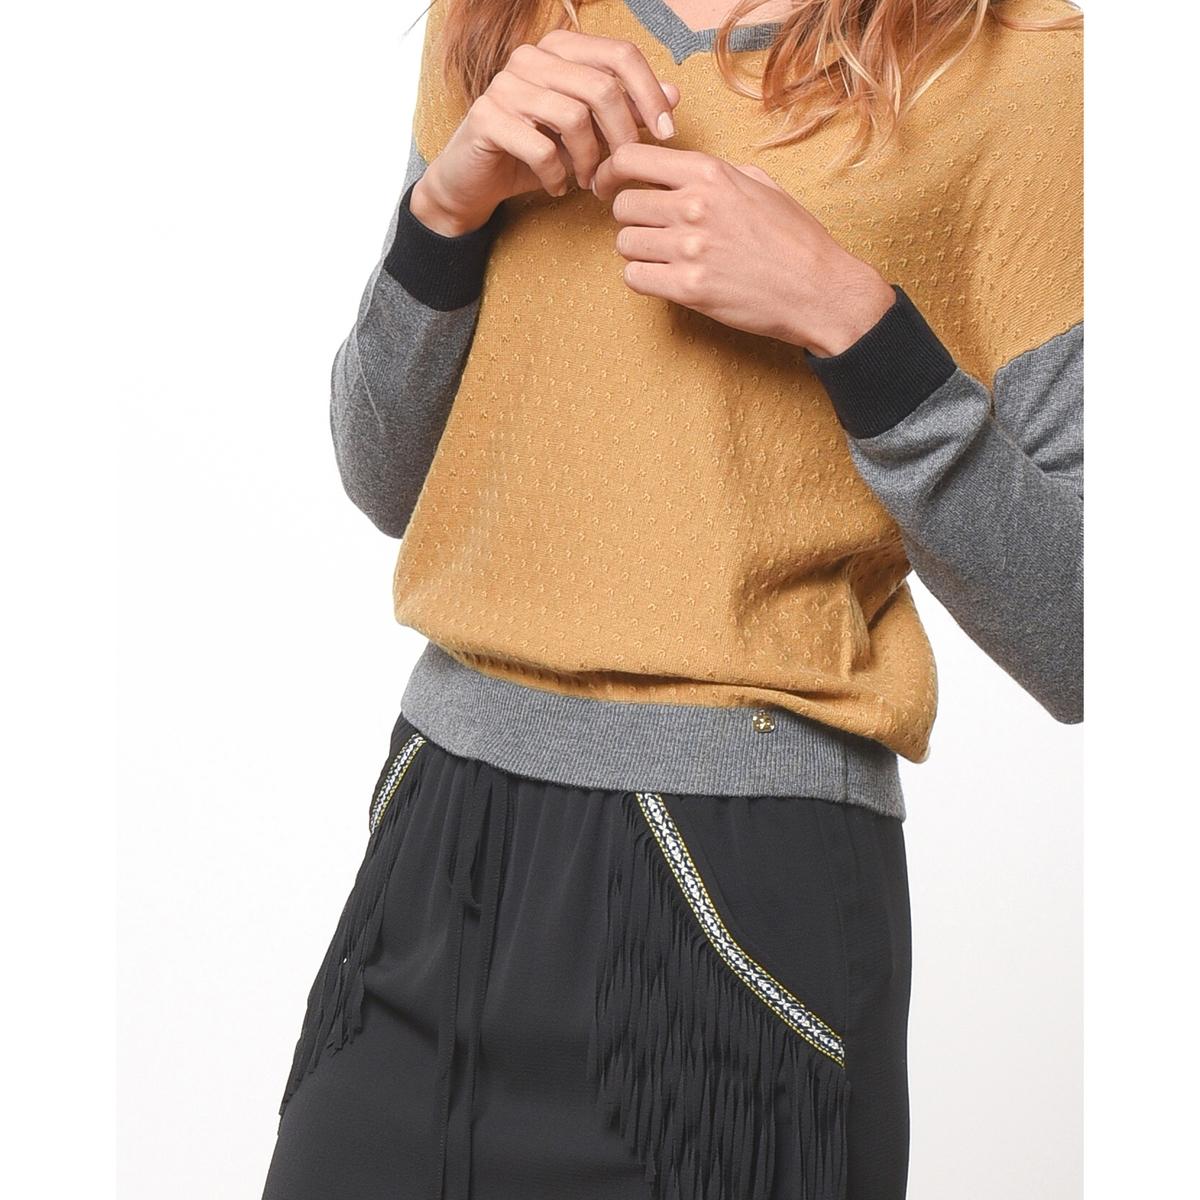 Пуловер с V-образным вырезомСостав и описаниеМатериал            48% полиамида, 27% акрила, 19% вискозы, 6% альпаки           Марка            JOE RETRO                      Уход           Следуйте рекомендациям по уходу, указанным на этикетке изделия<br><br>Цвет: горчичный,черный<br>Размер: L.M